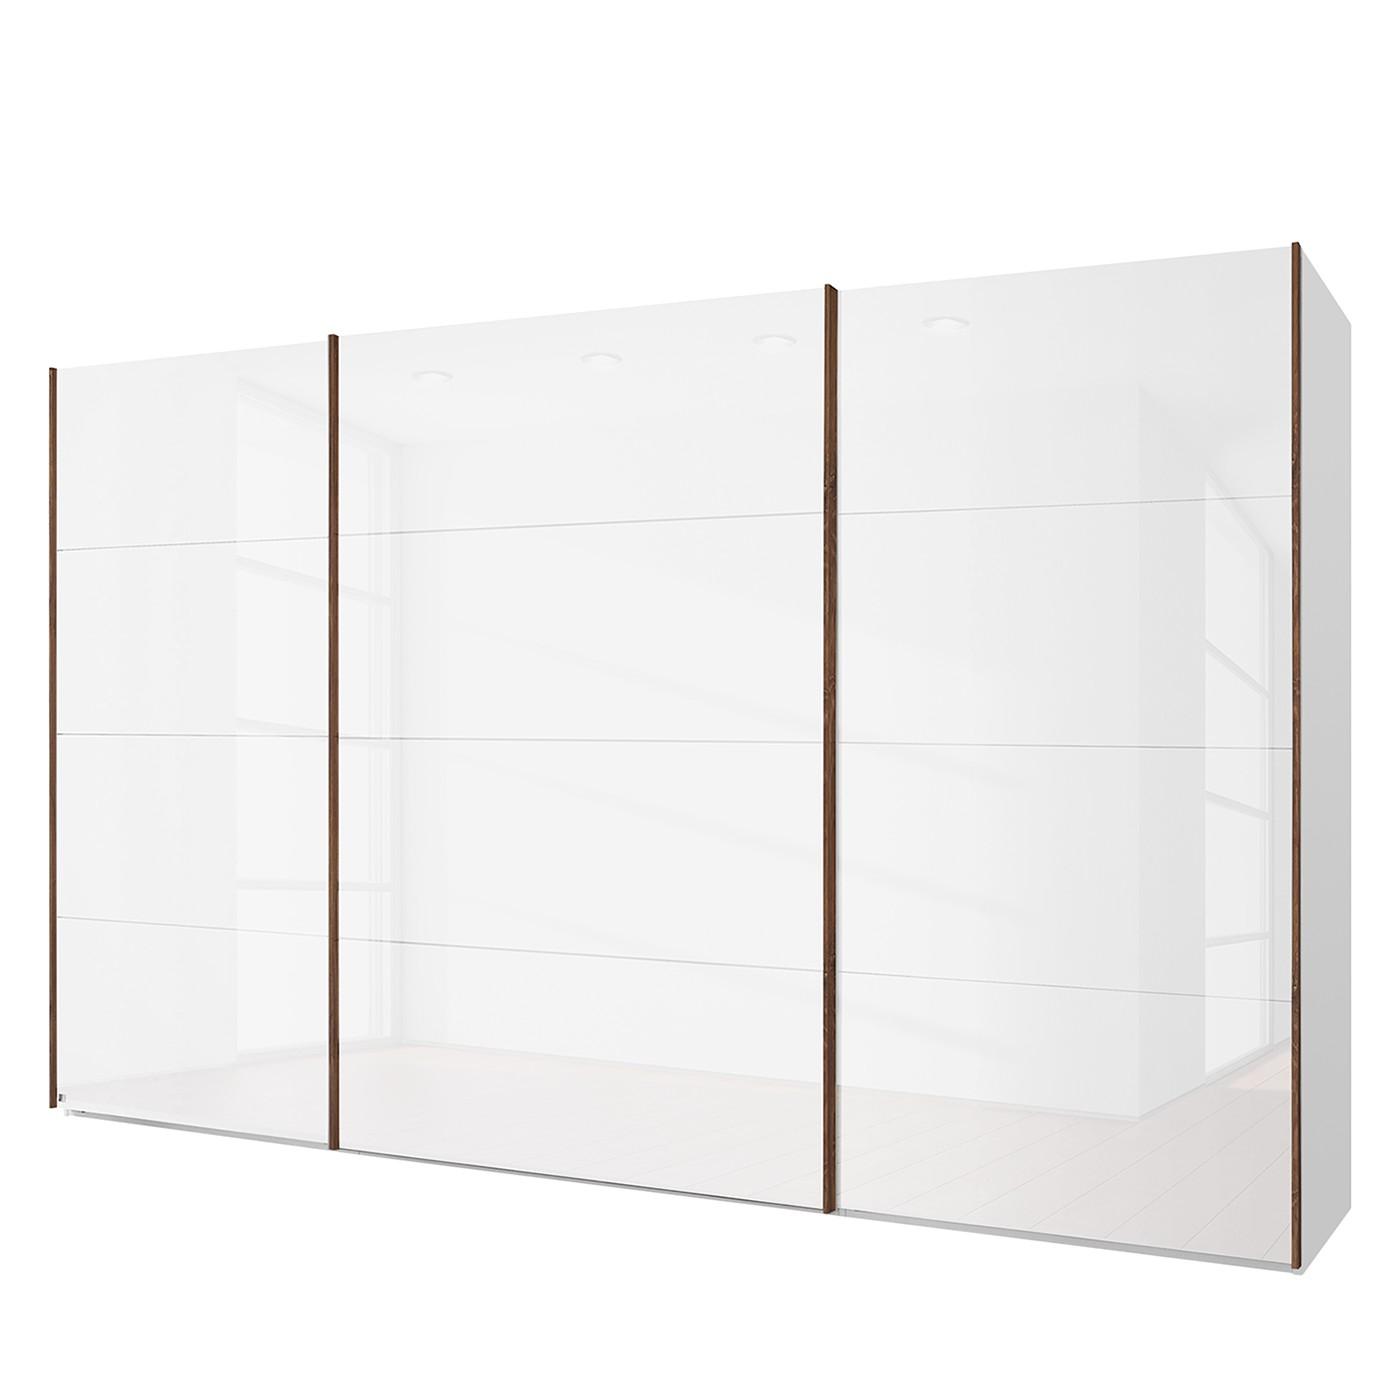 home24 Schwebetuerenschrank SKOEP | Schlafzimmer > Kleiderschränke > Schwebetürenschränke | Weiss | Holzwerkstoff | SKOEP